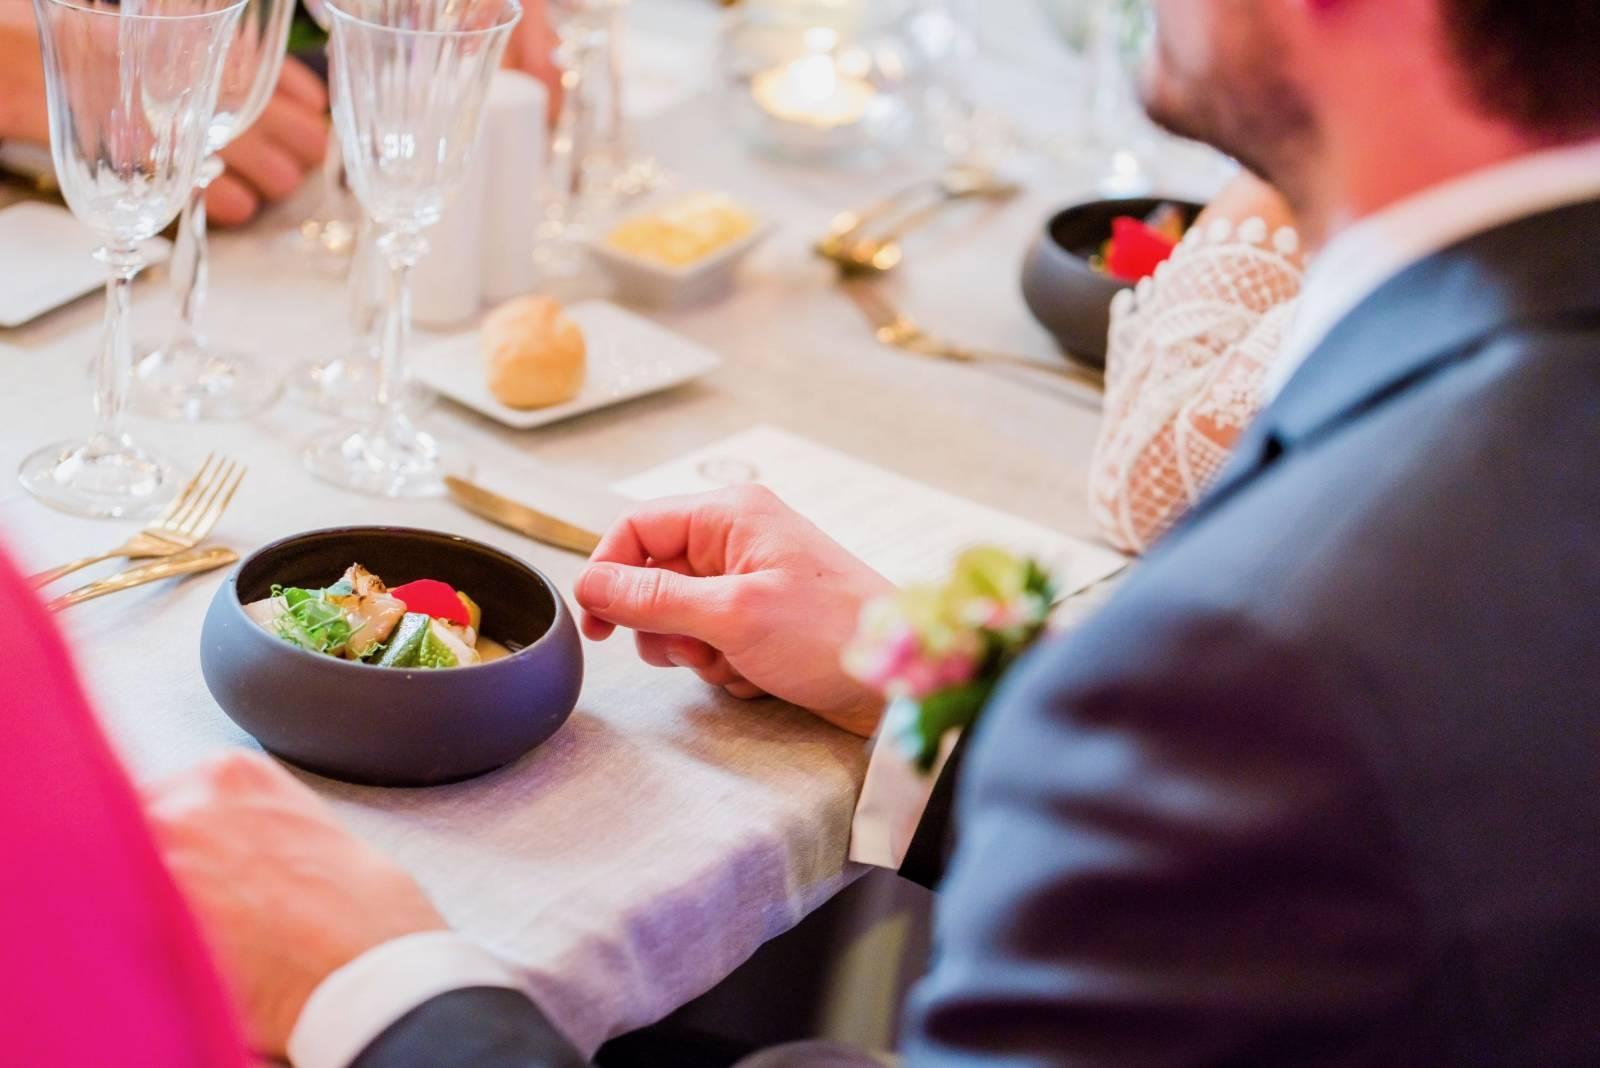 Biorganic - Catering - Cateraar - Traiteur - Biologisch - House of Weddings - 21